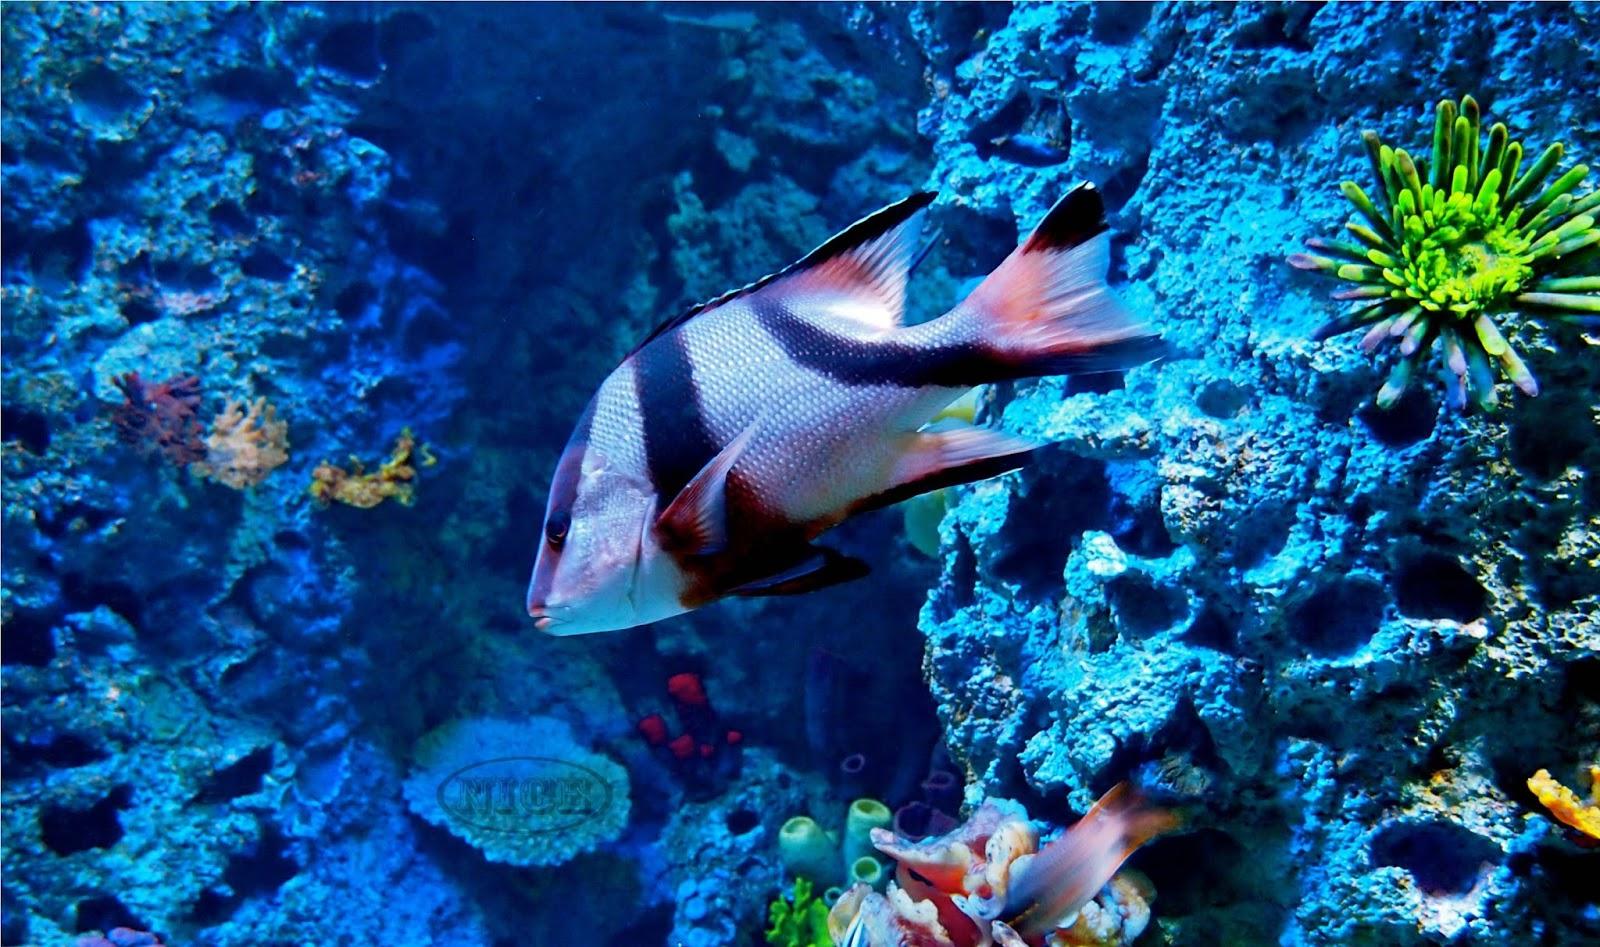 HD Wallpapers Desktop Ocean Life HD DeskTop Wallpapers 1600x947